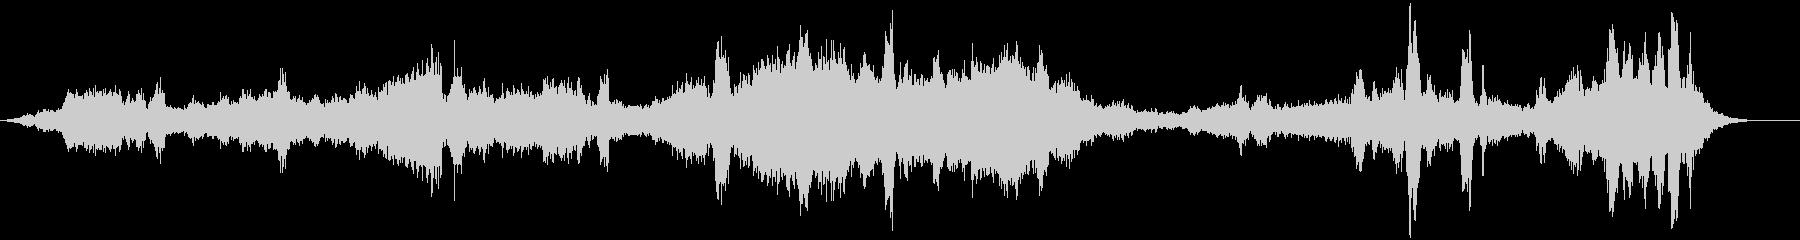 複数発声ボーカルドローンボーカルの未再生の波形